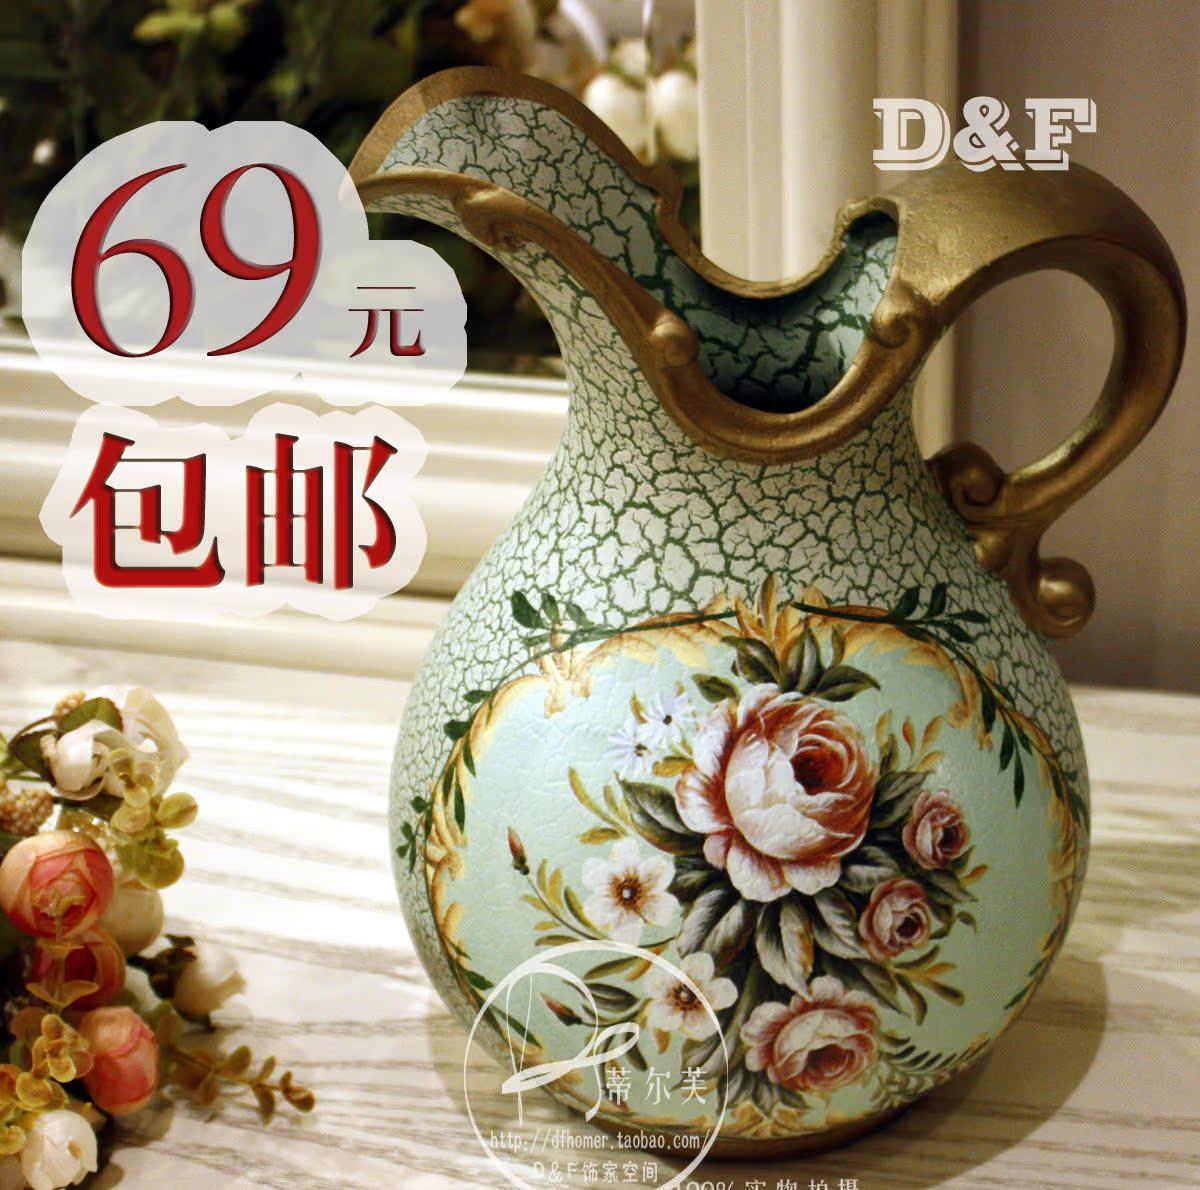 欧式陶瓷花瓶 手绘陶器花瓶田园花器 美式乡村插花瓶装饰品商品图片图片